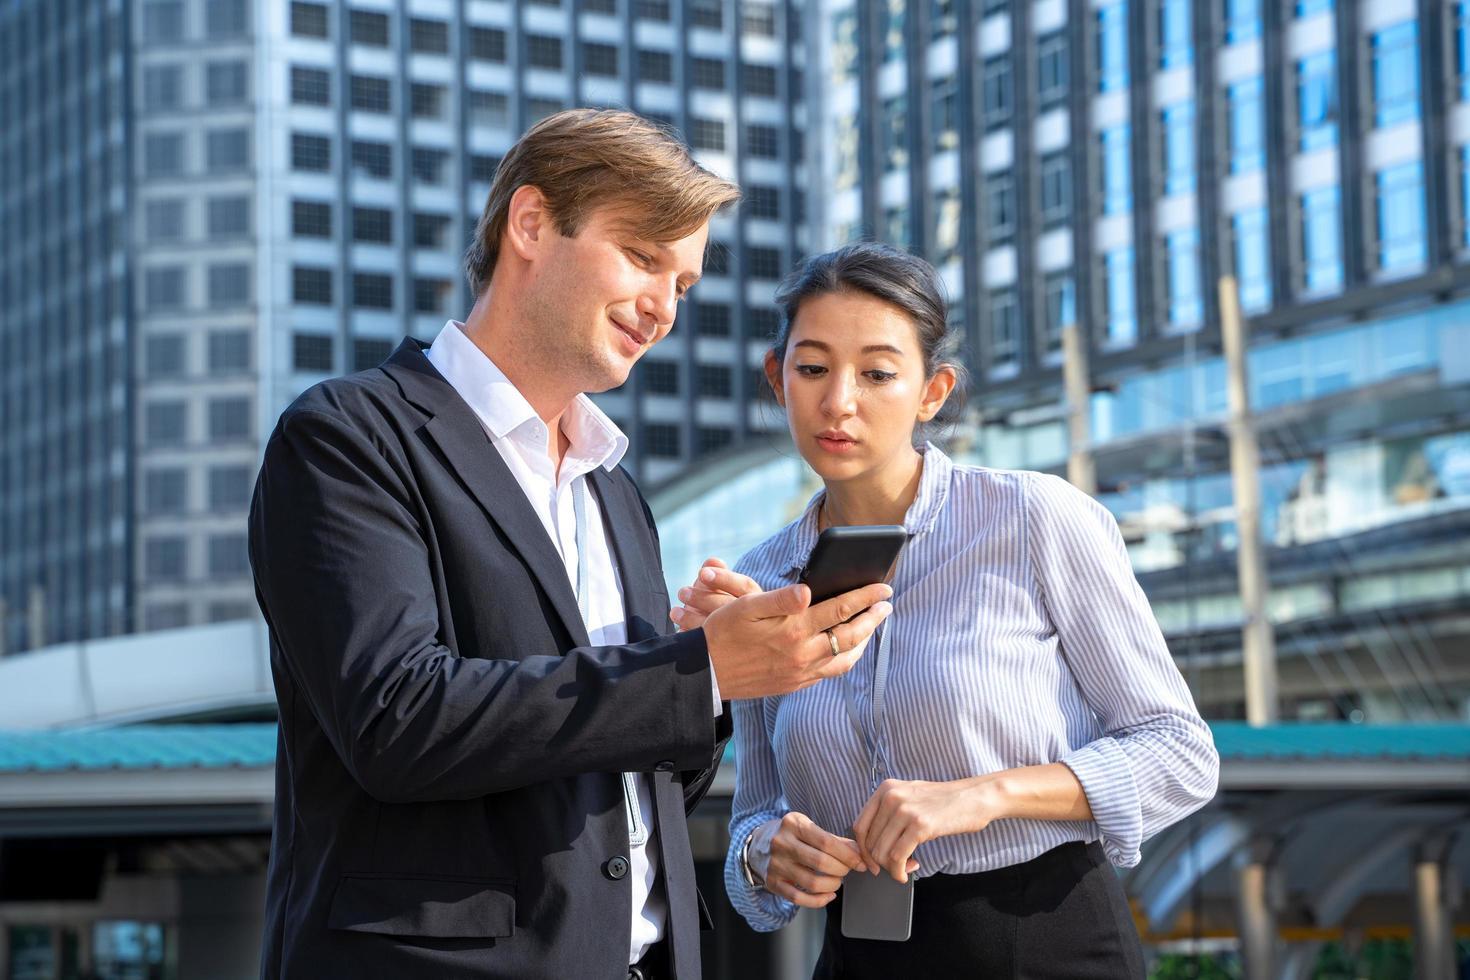 hombre y mujer mirando el teléfono celular foto